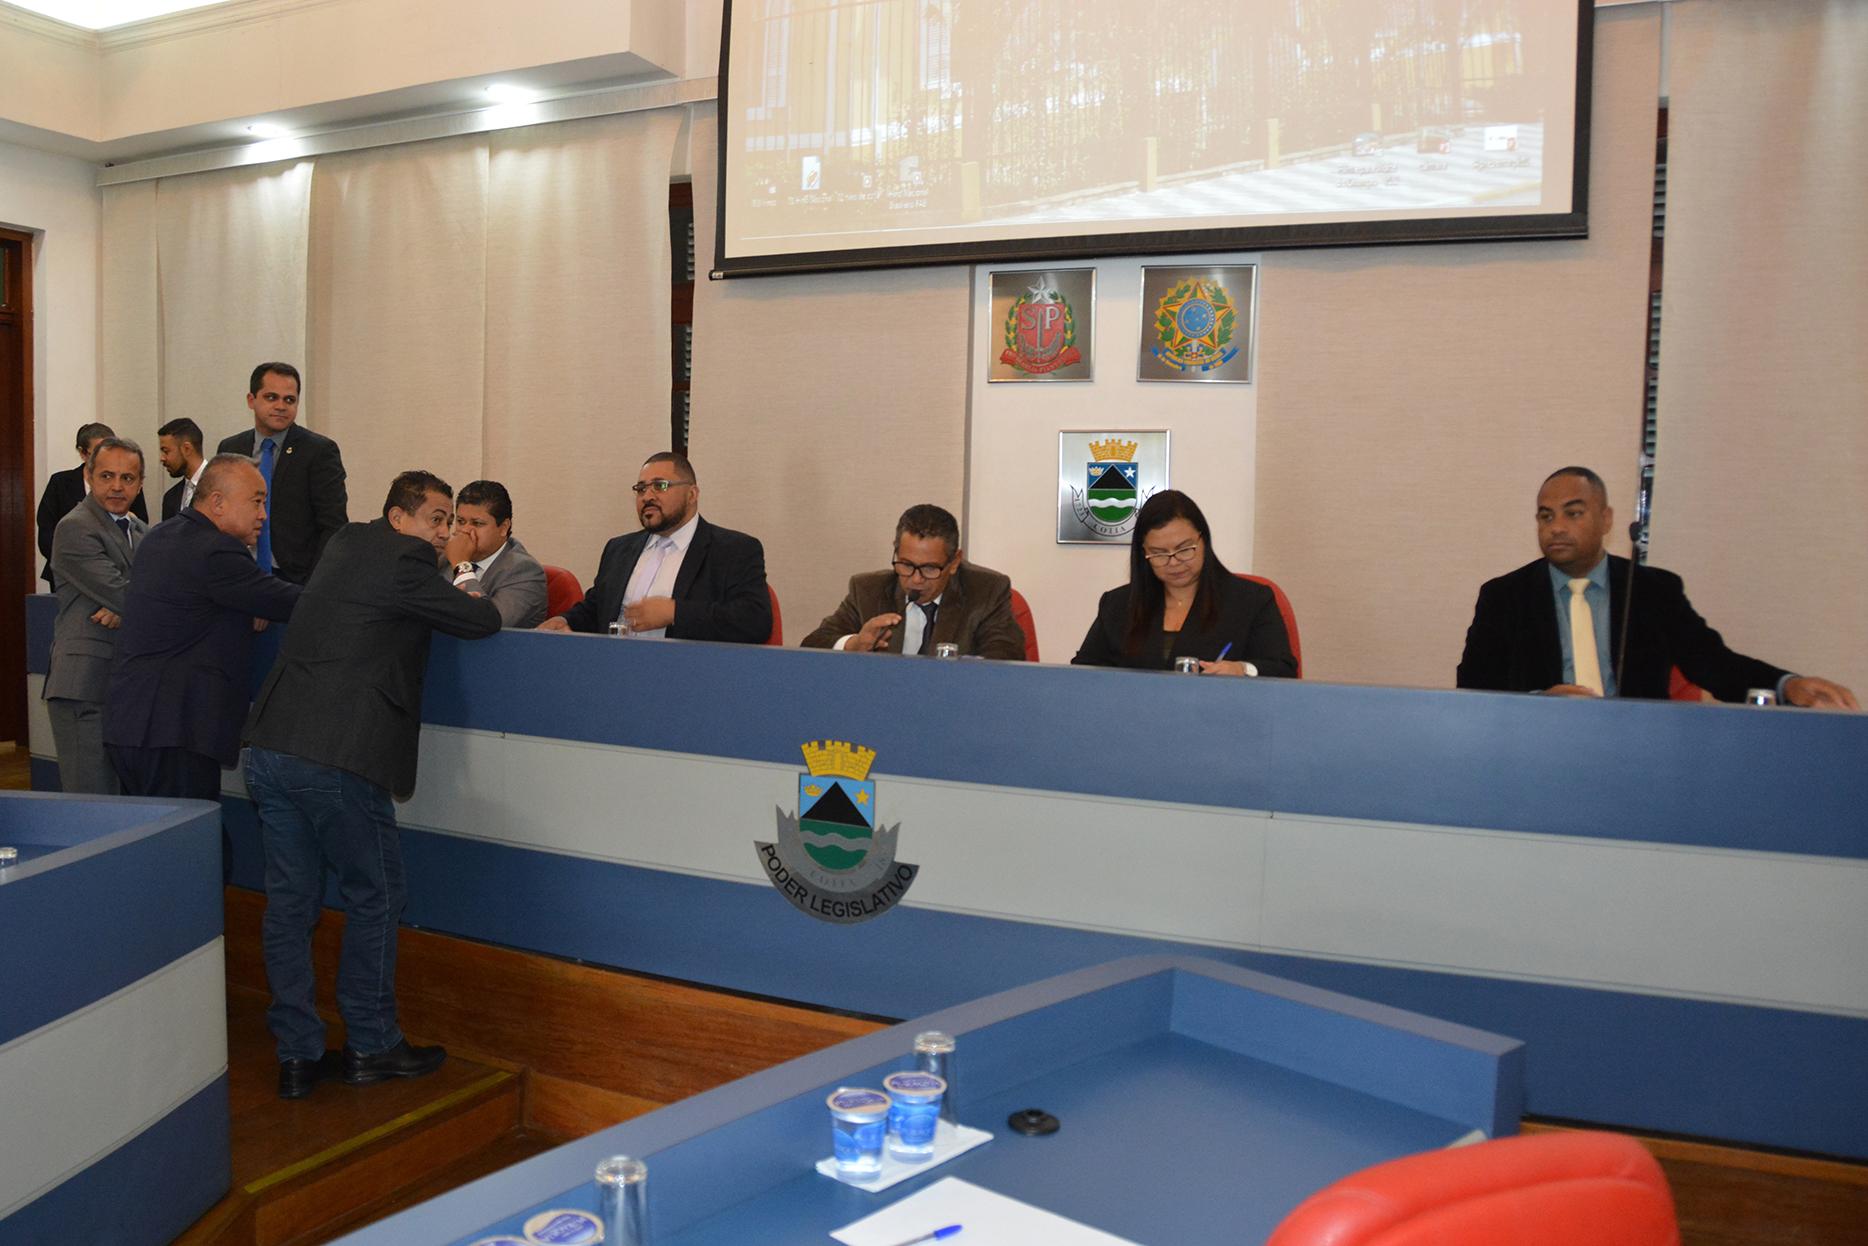 Legislativo aprova Projeto de Lei que amplia transparência no serviço público